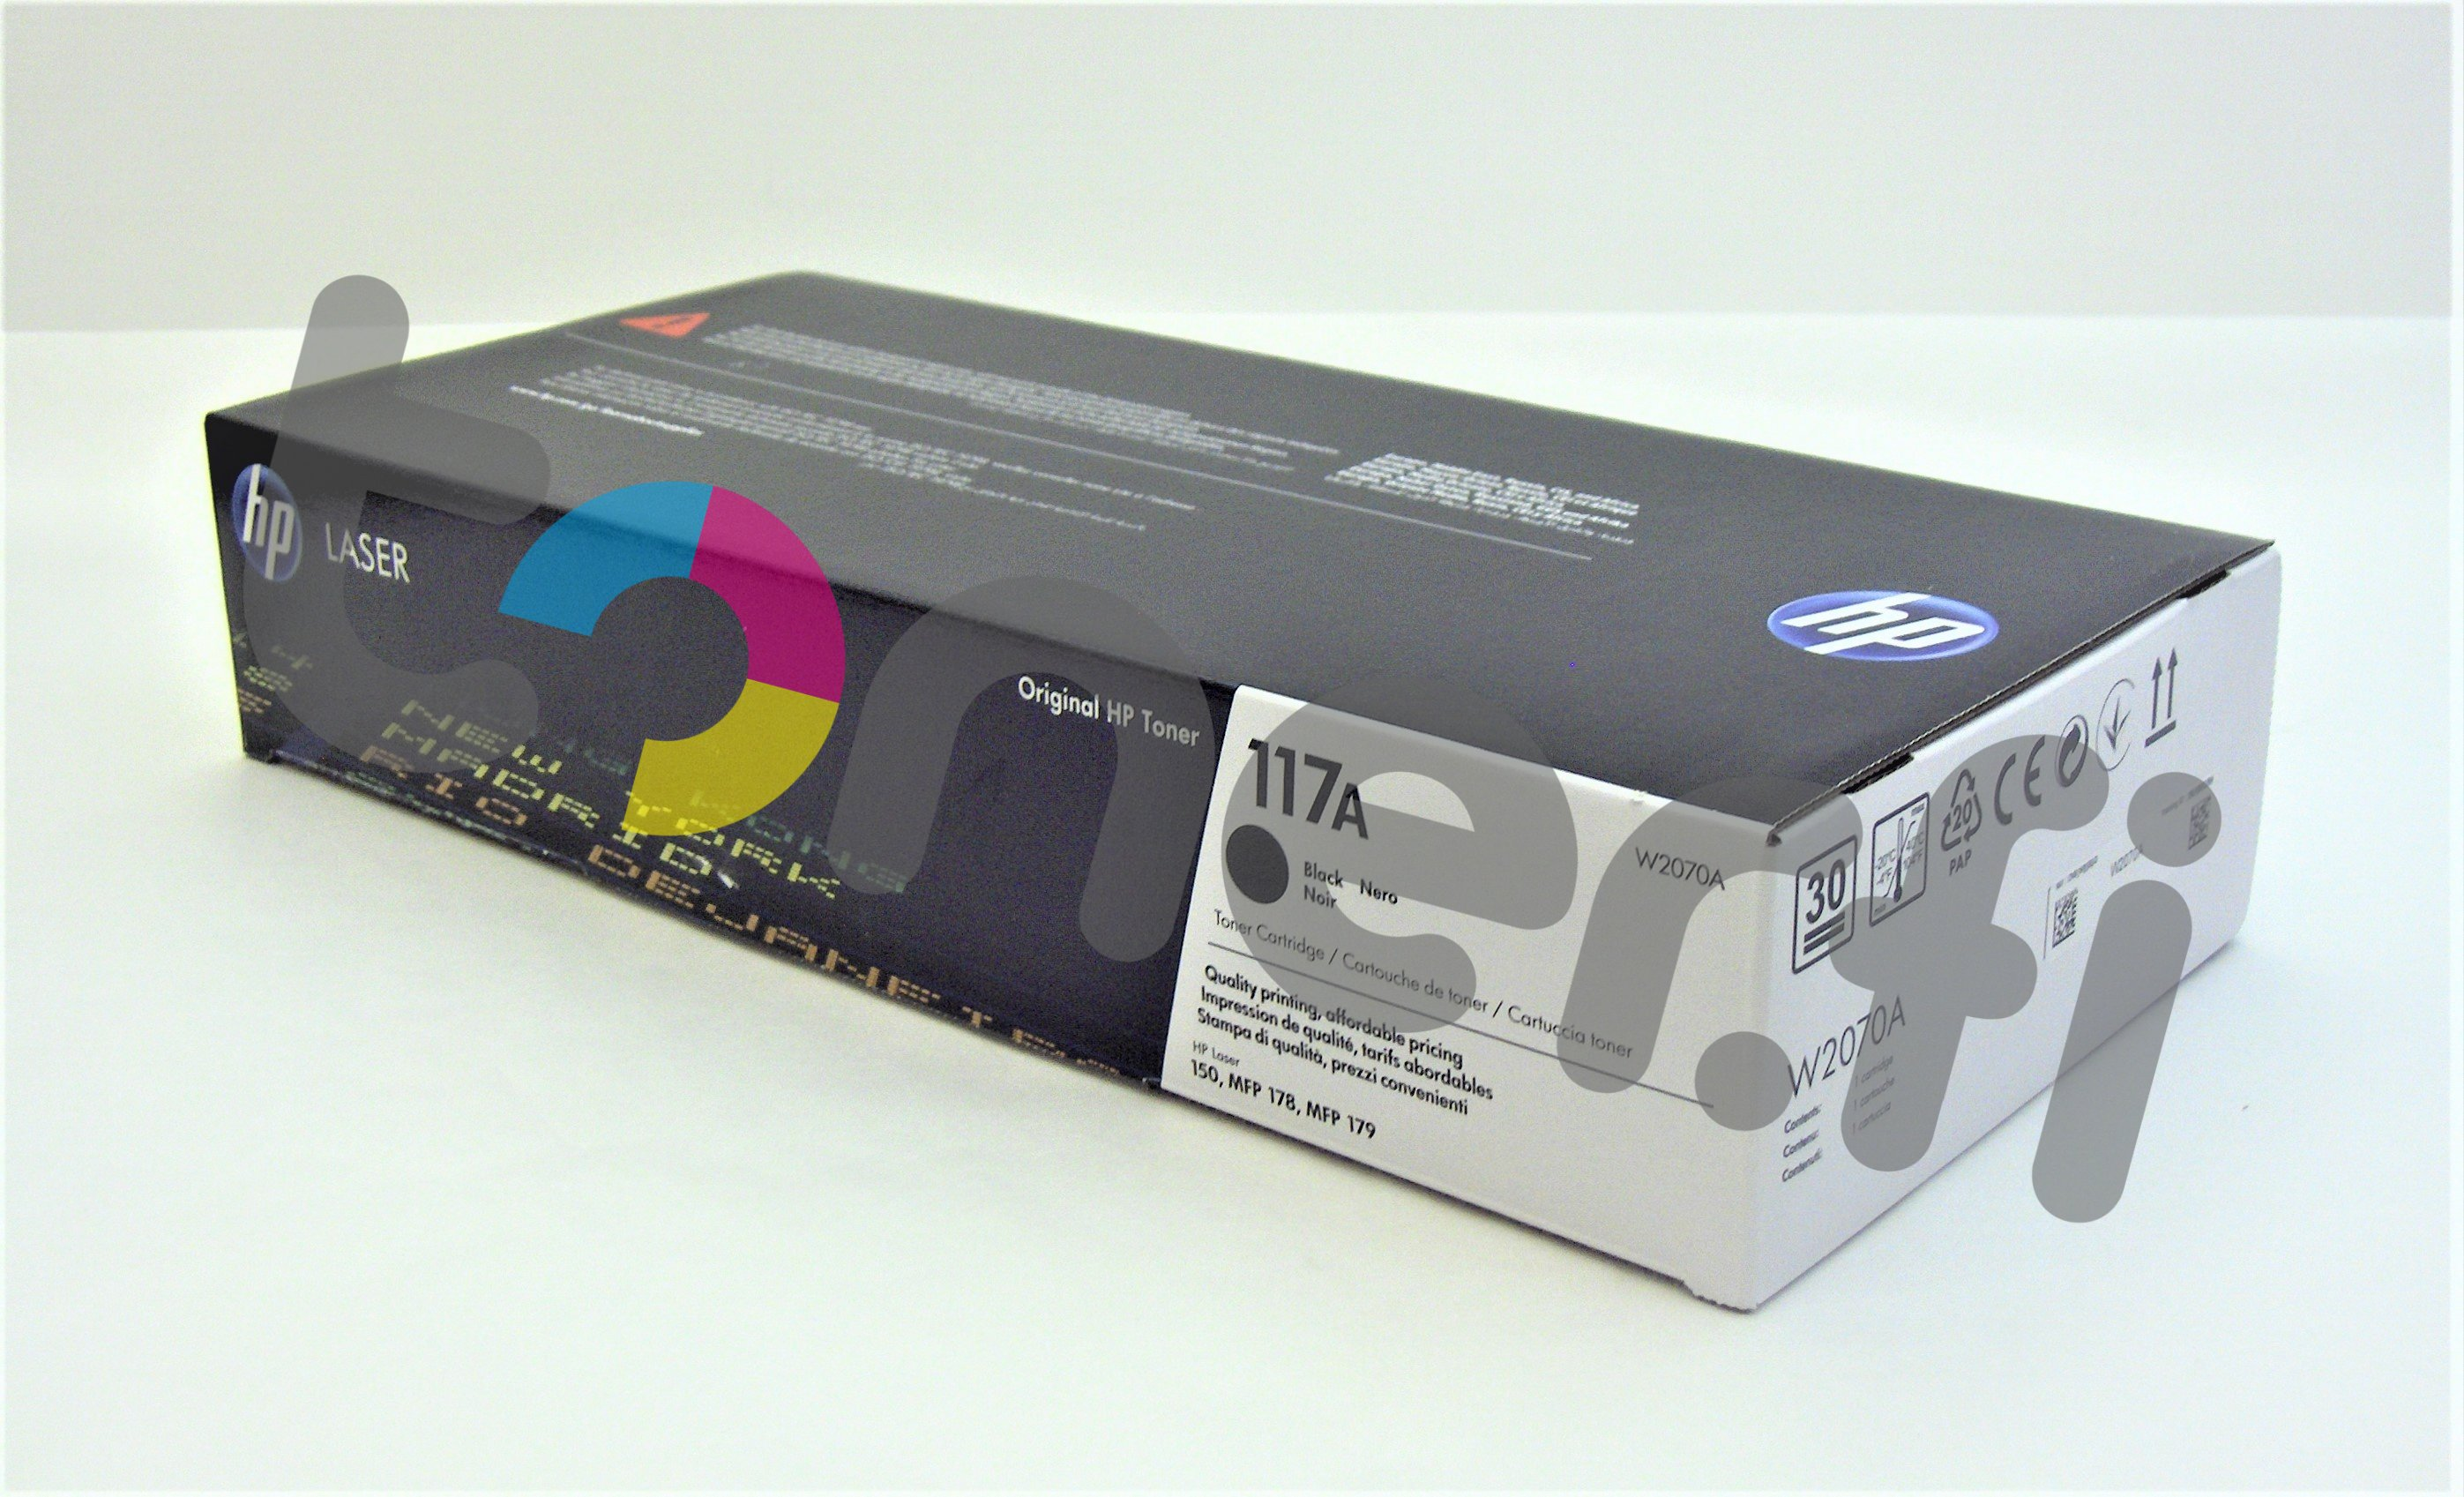 HP 117A Värikasetti Musta